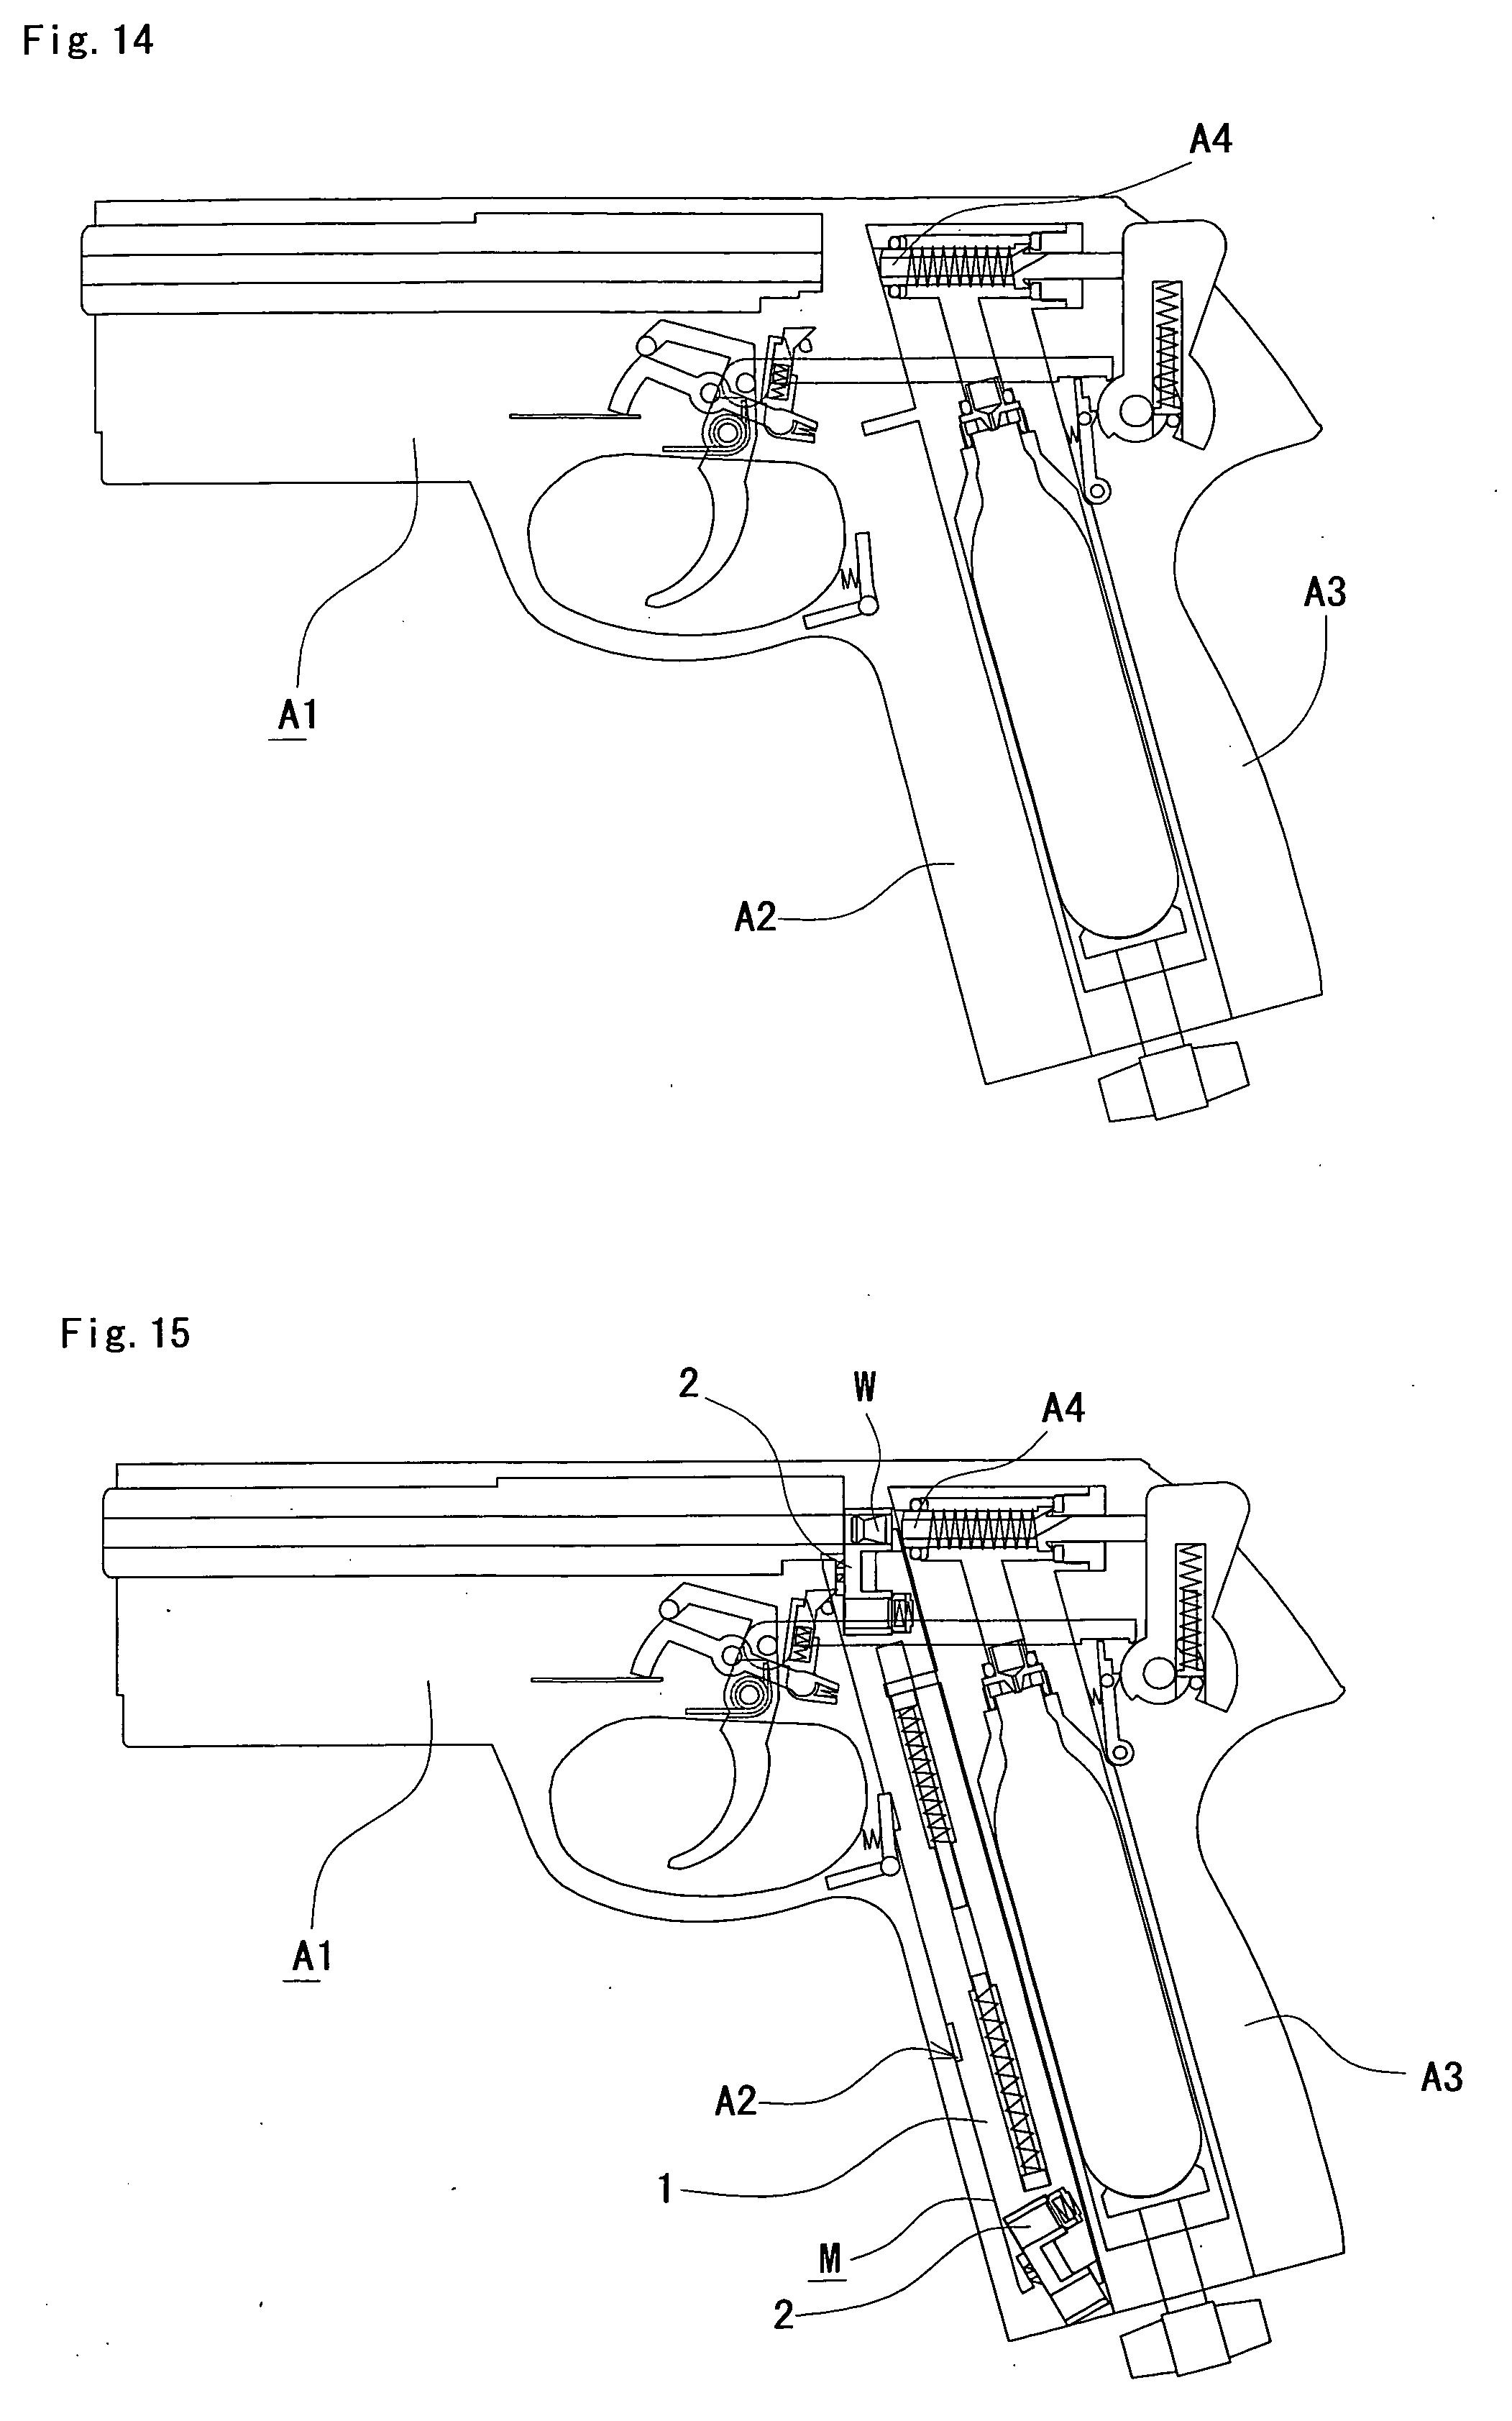 Gambar Skema Cara Membuat Senapan Pcp Gas  Airgun